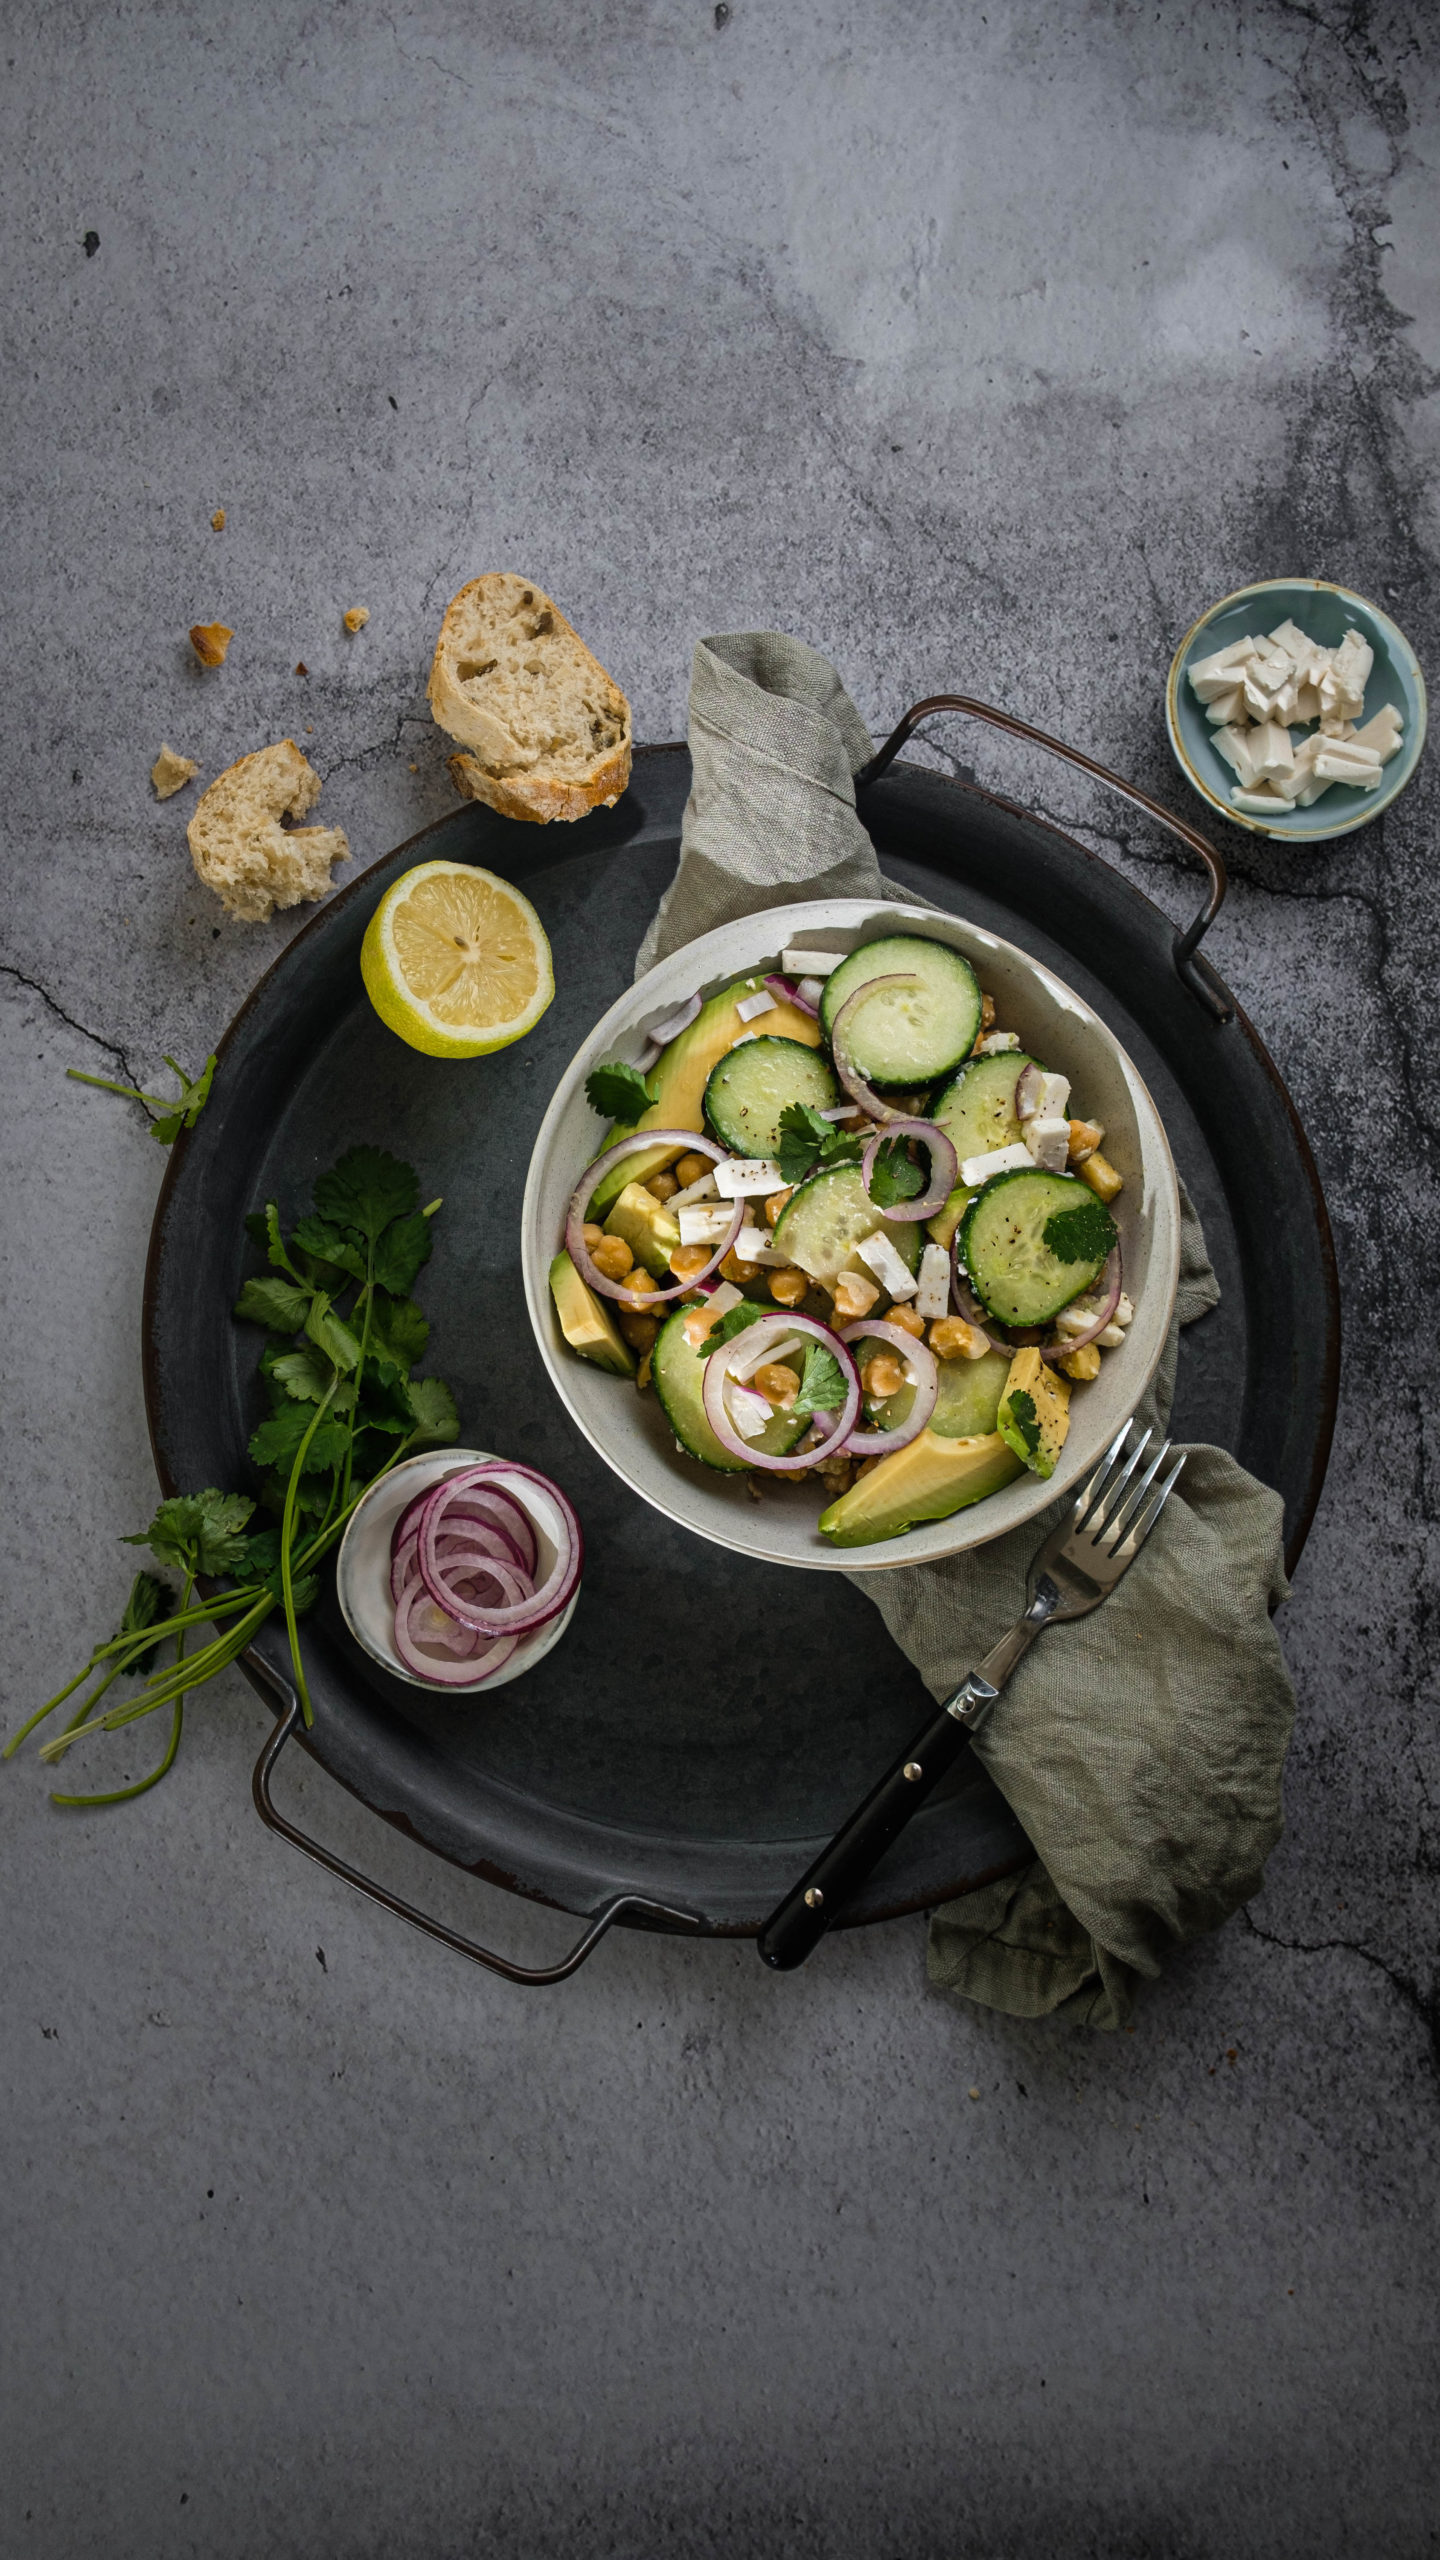 Sommersalat, Salat, vegan, Gurkensalat, Foodstyling